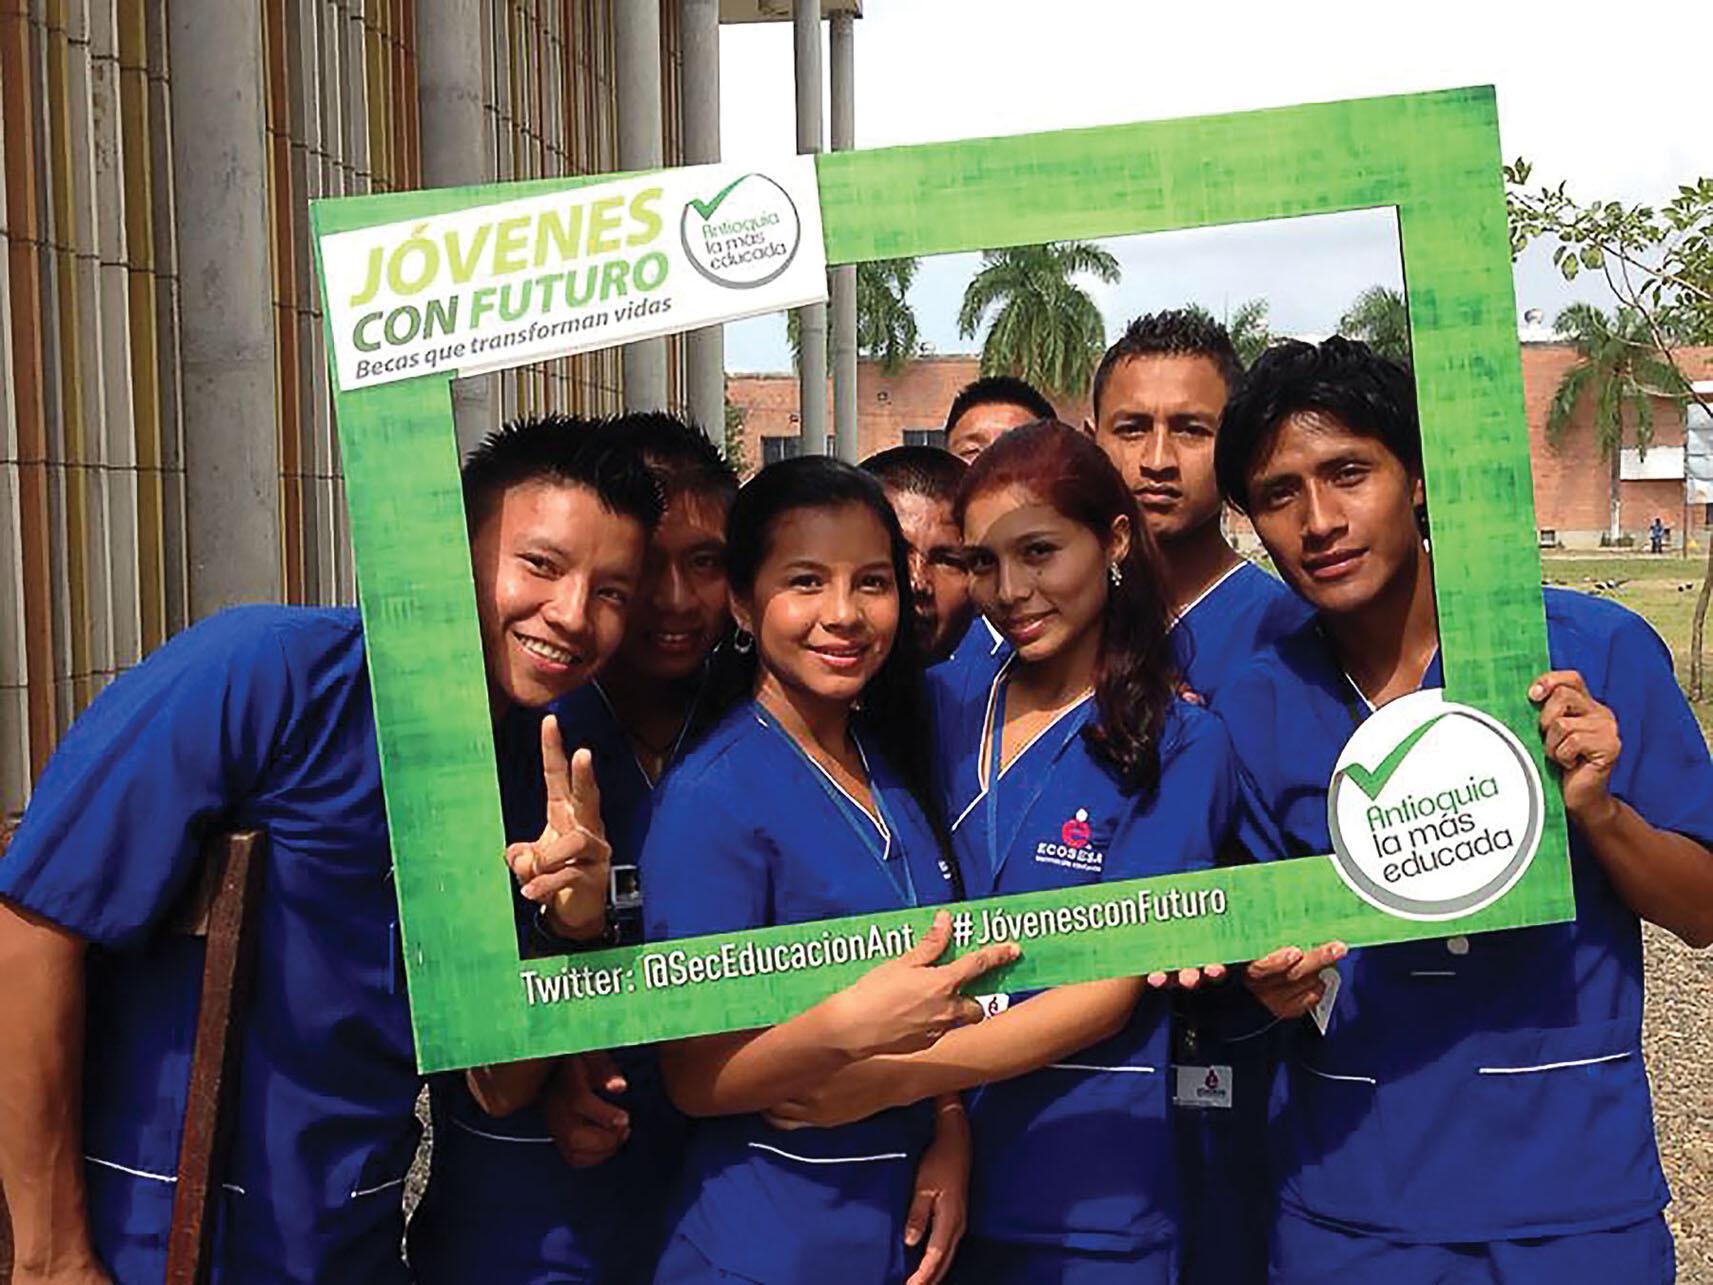 """A group of students participates in the """"Youth With a Future"""" program. (Photo courtesy of the Secretaría de Educación de Antioquia.)"""